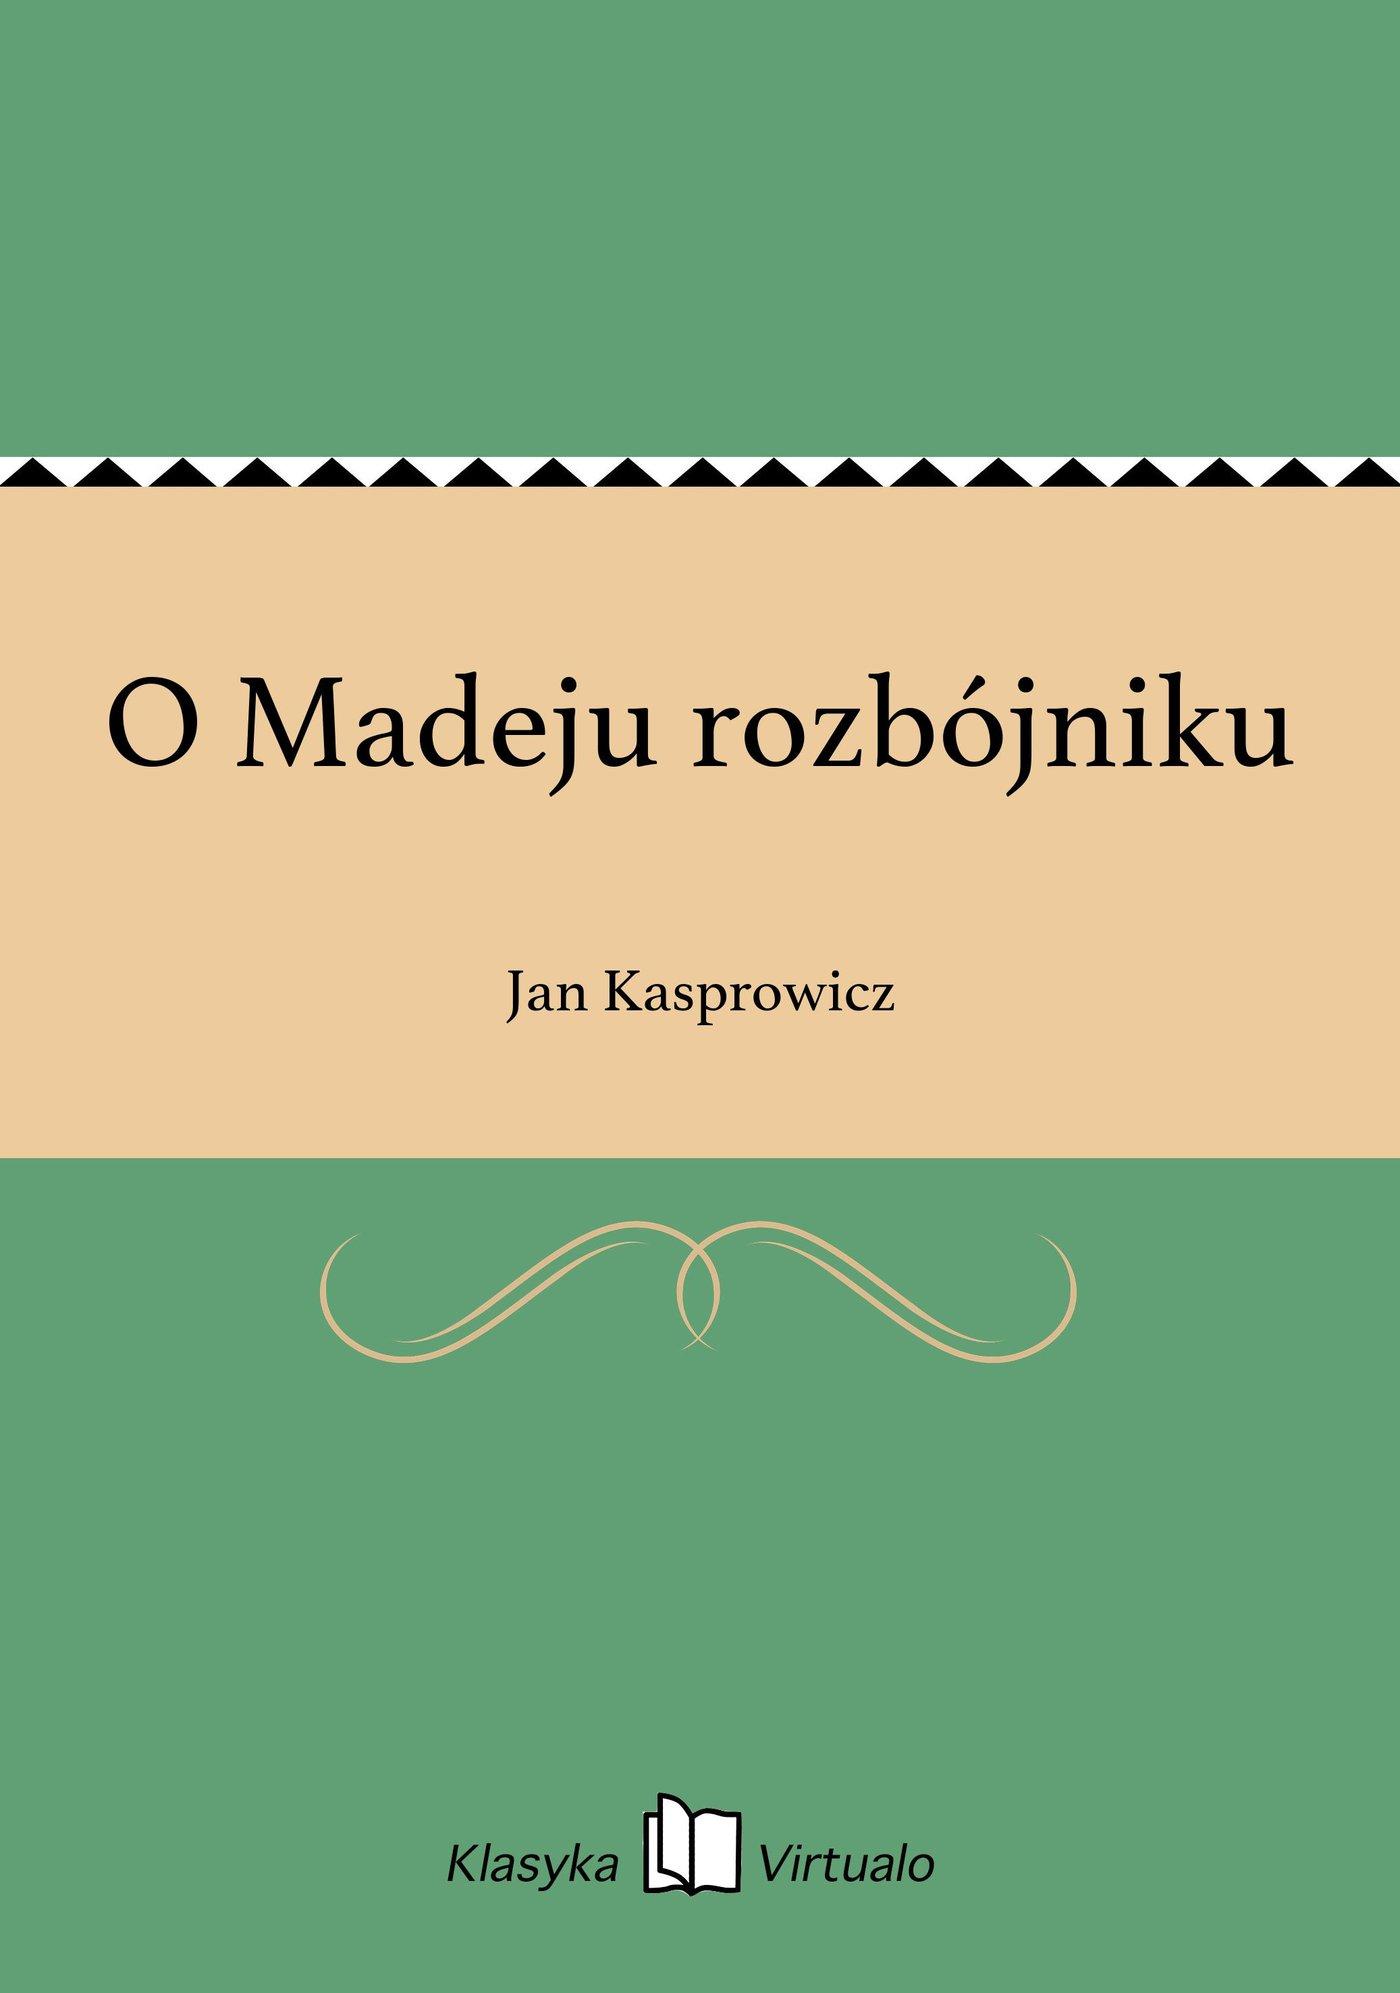 O Madeju rozbójniku - Ebook (Książka EPUB) do pobrania w formacie EPUB